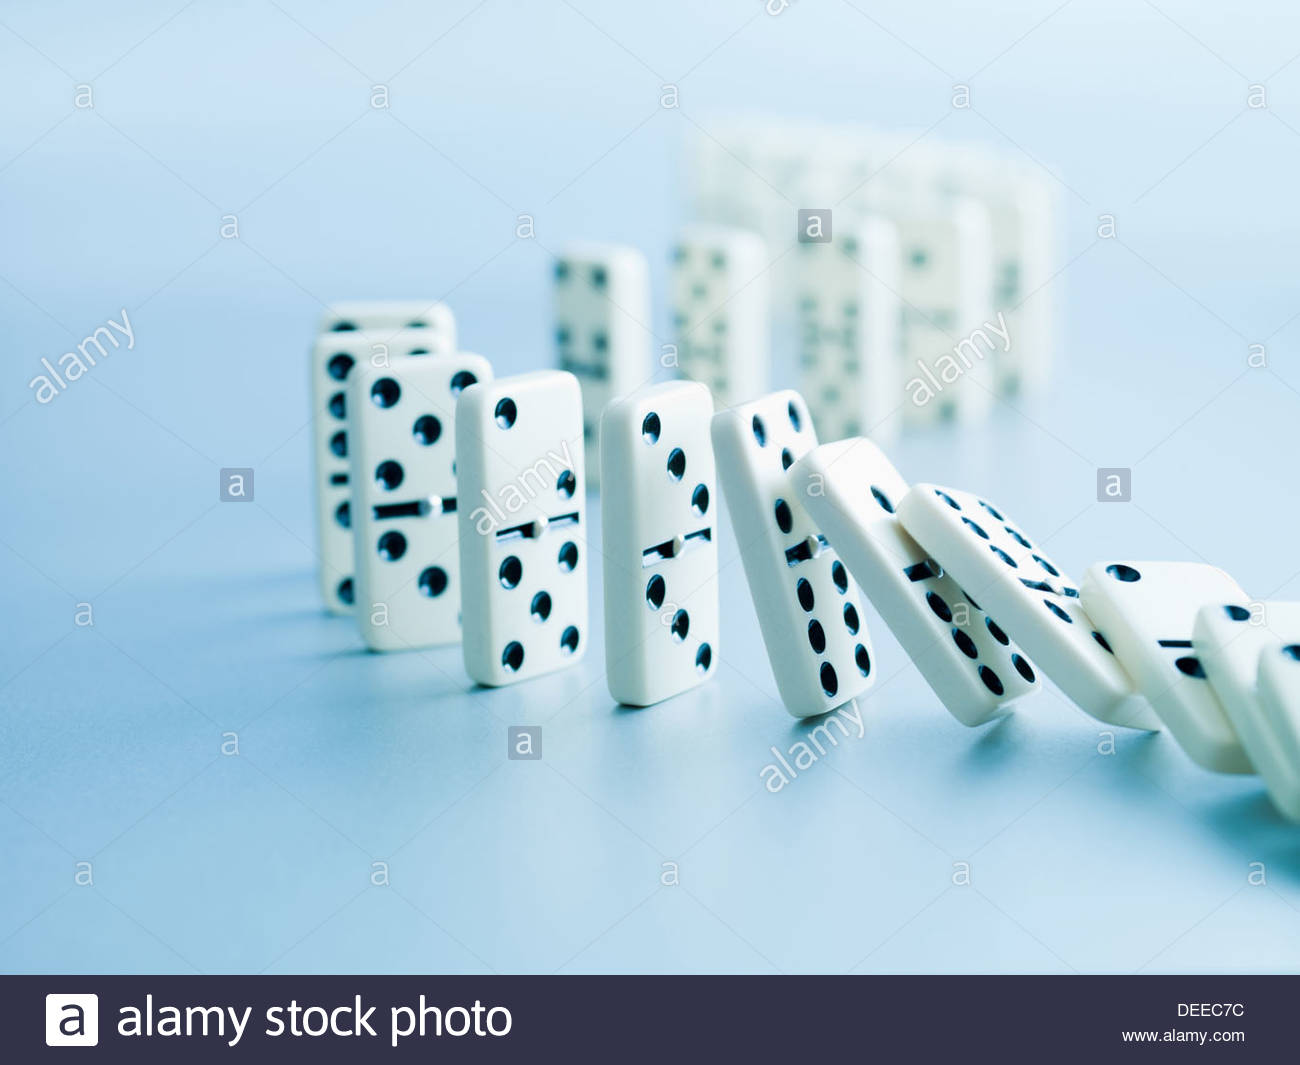 Fichas de dominó cayendo en una fila Imagen De Stock